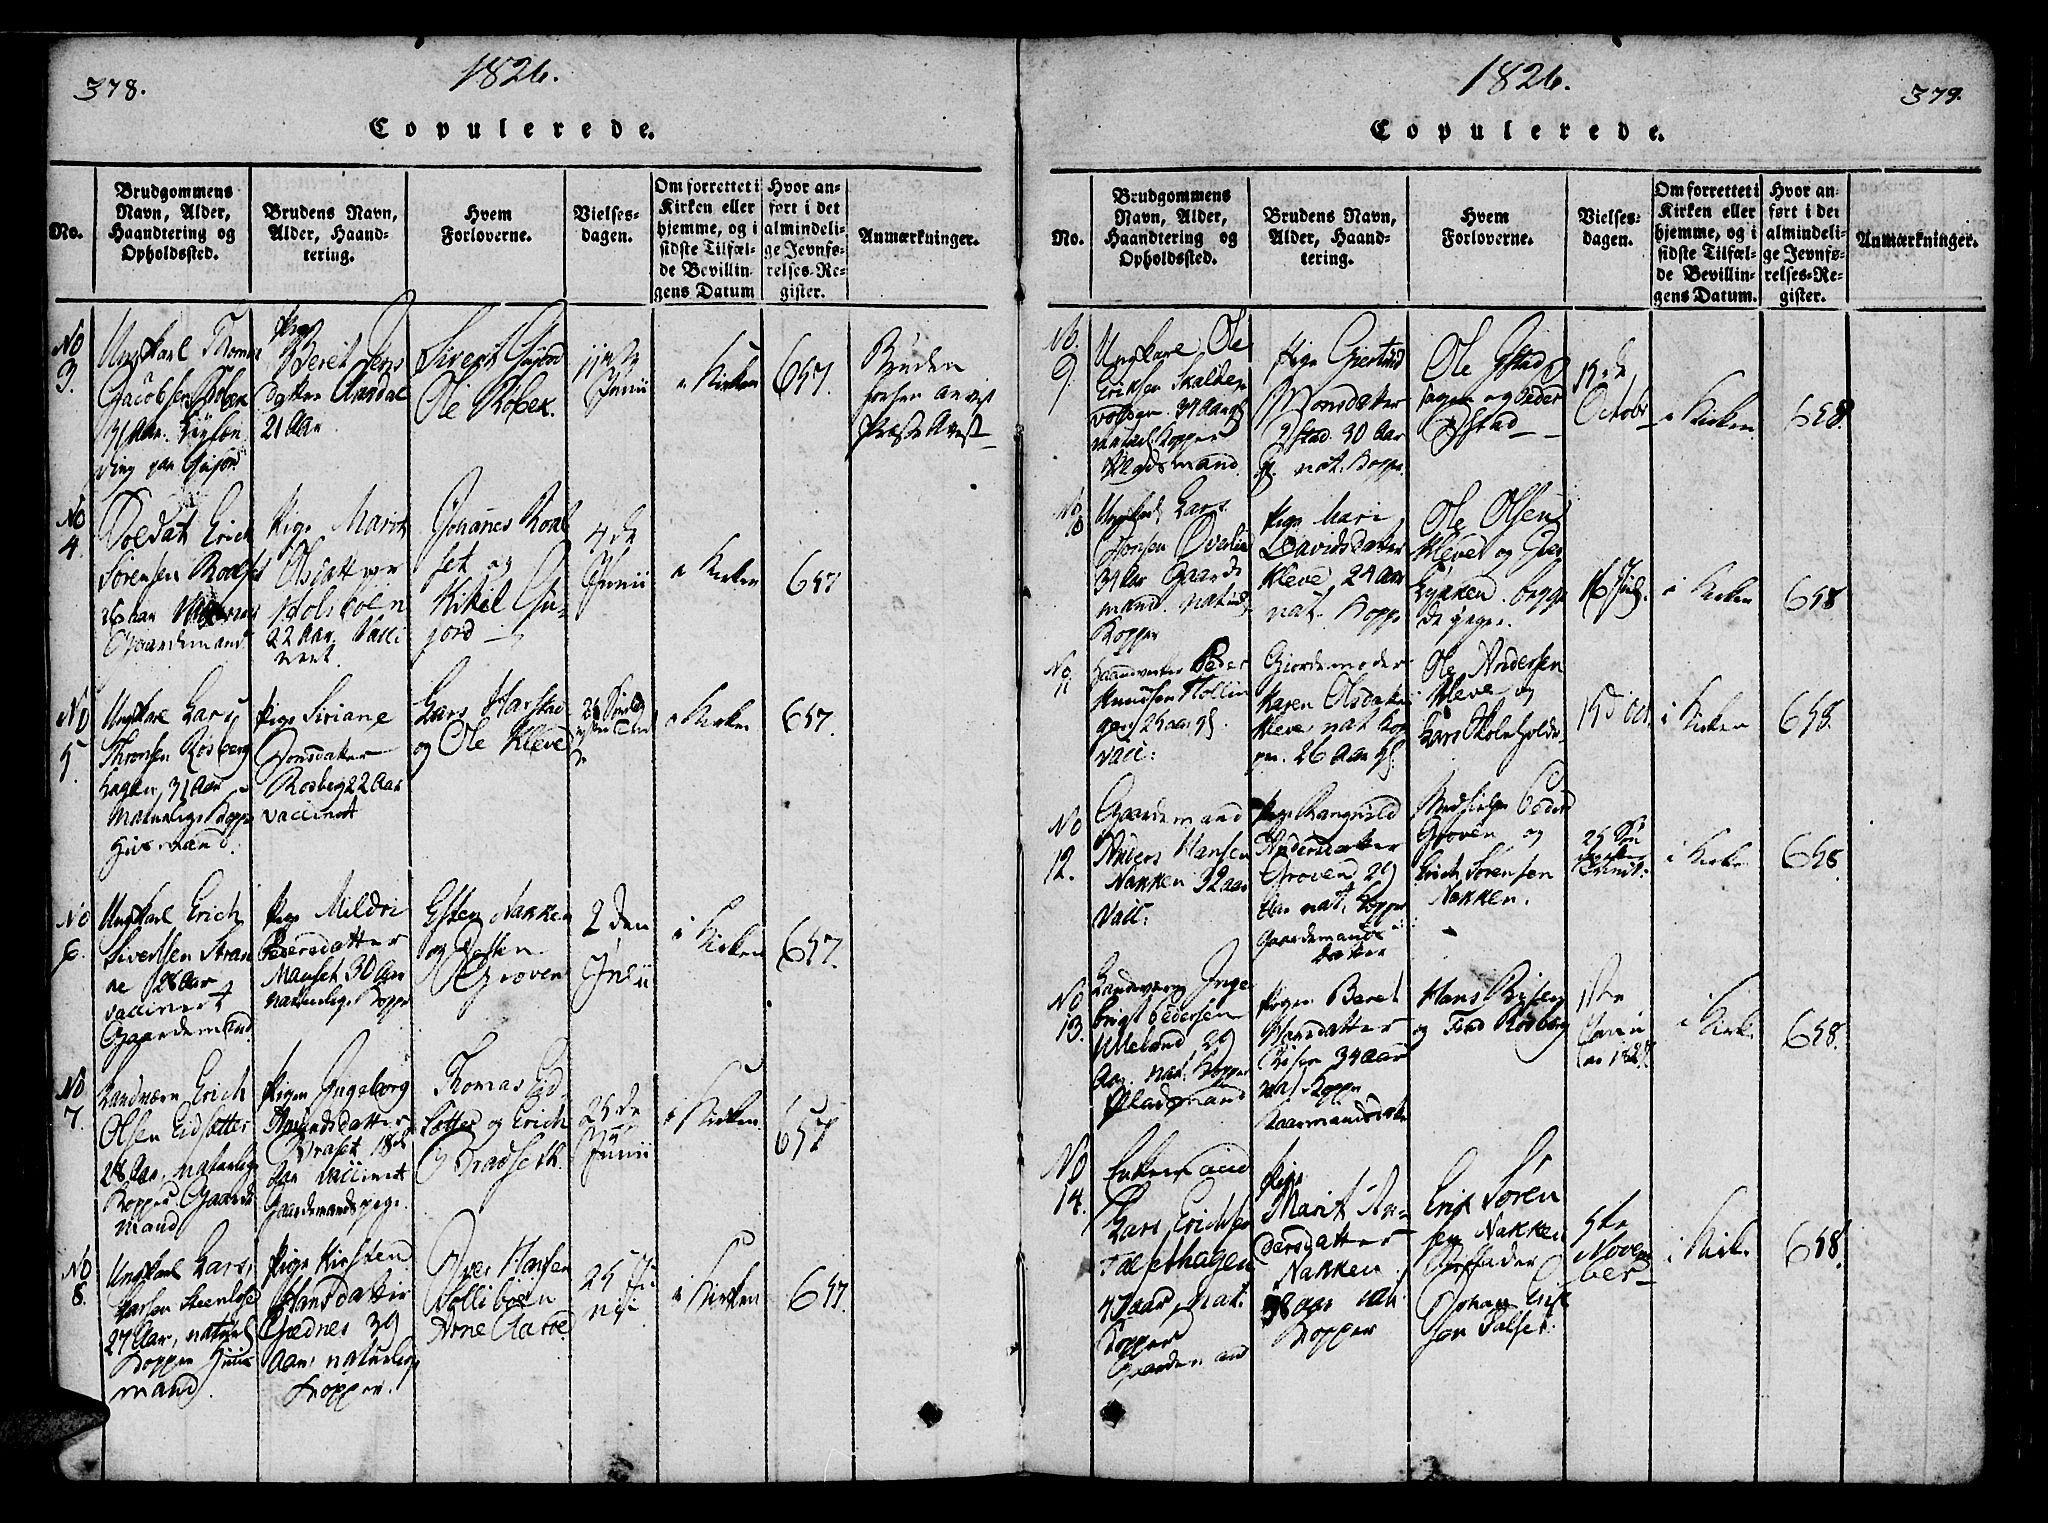 SAT, Ministerialprotokoller, klokkerbøker og fødselsregistre - Møre og Romsdal, 557/L0679: Ministerialbok nr. 557A01, 1818-1843, s. 378-379